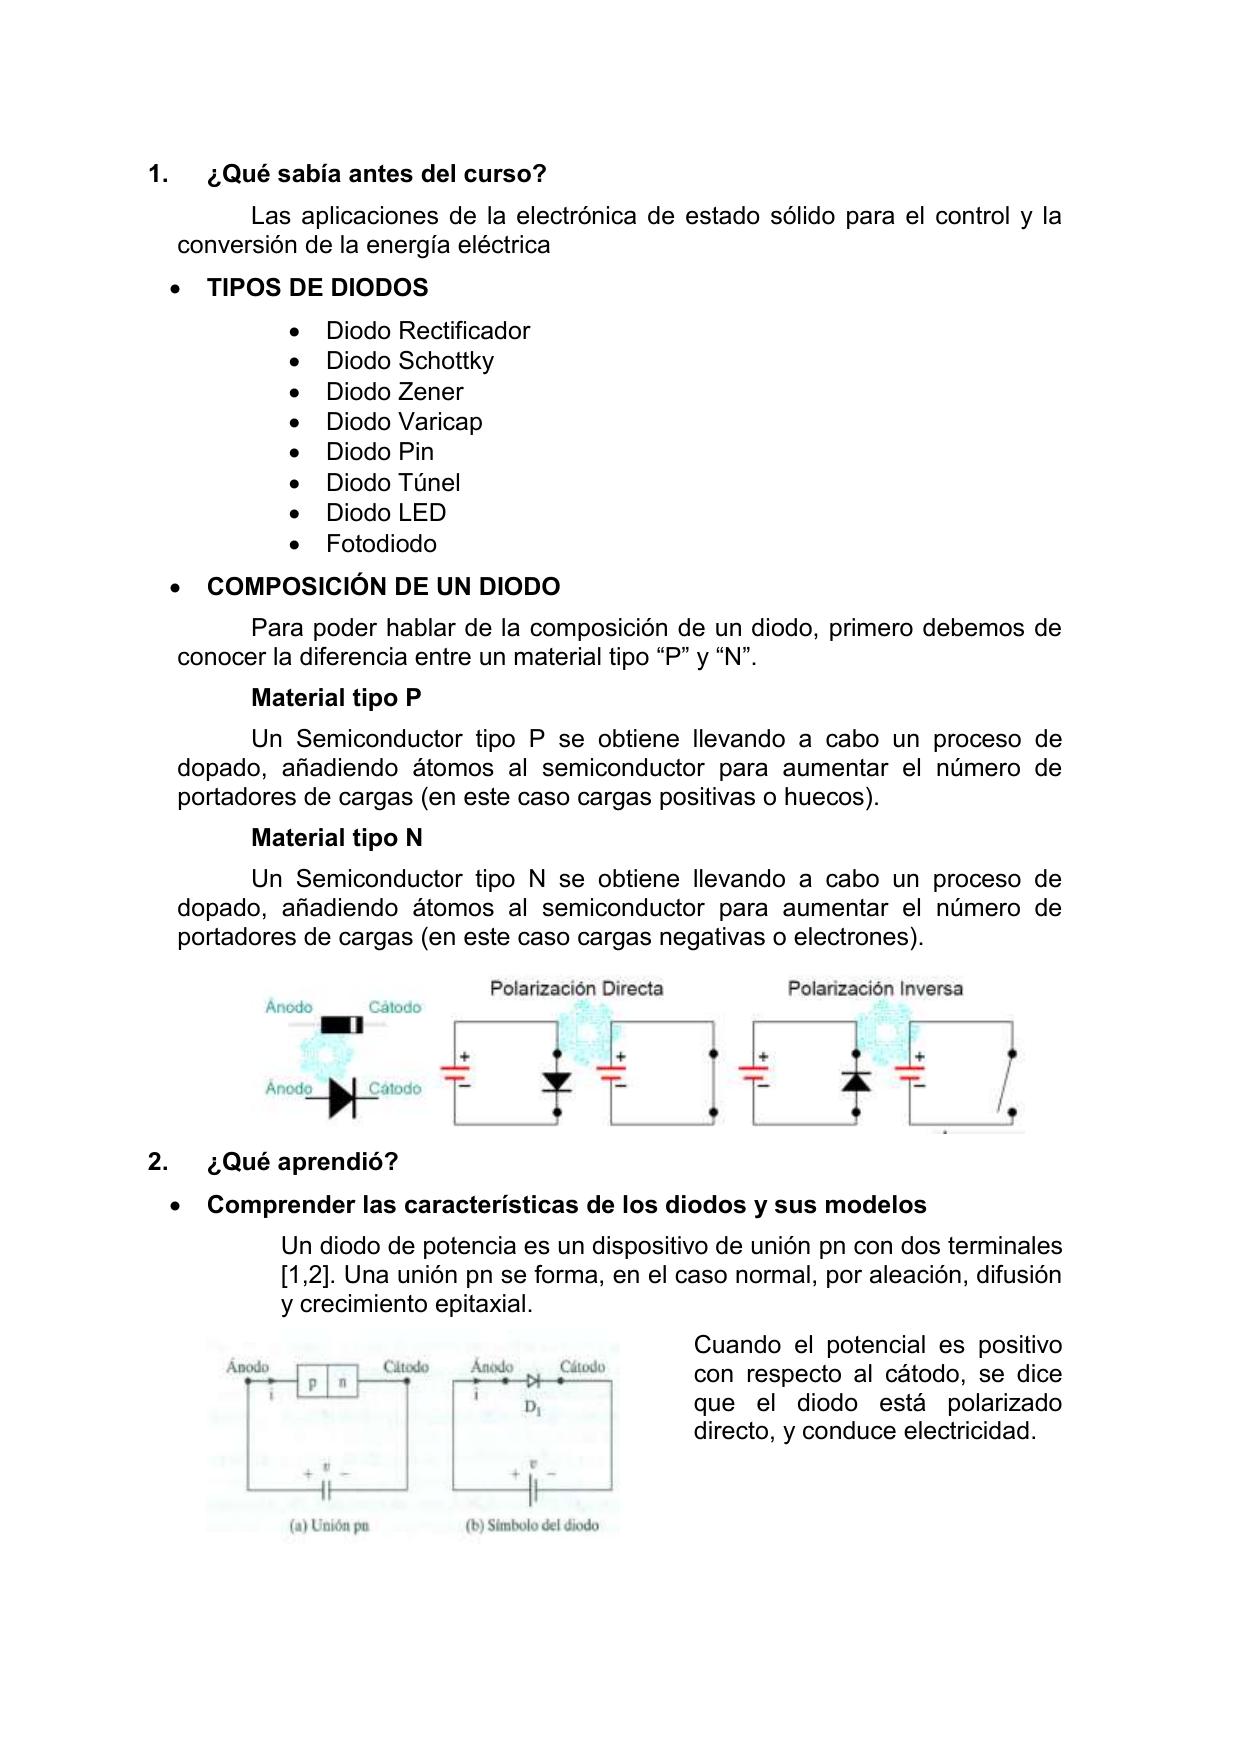 FUNDAMENTOS DE SEMICONDUCTORES 15 06 2020